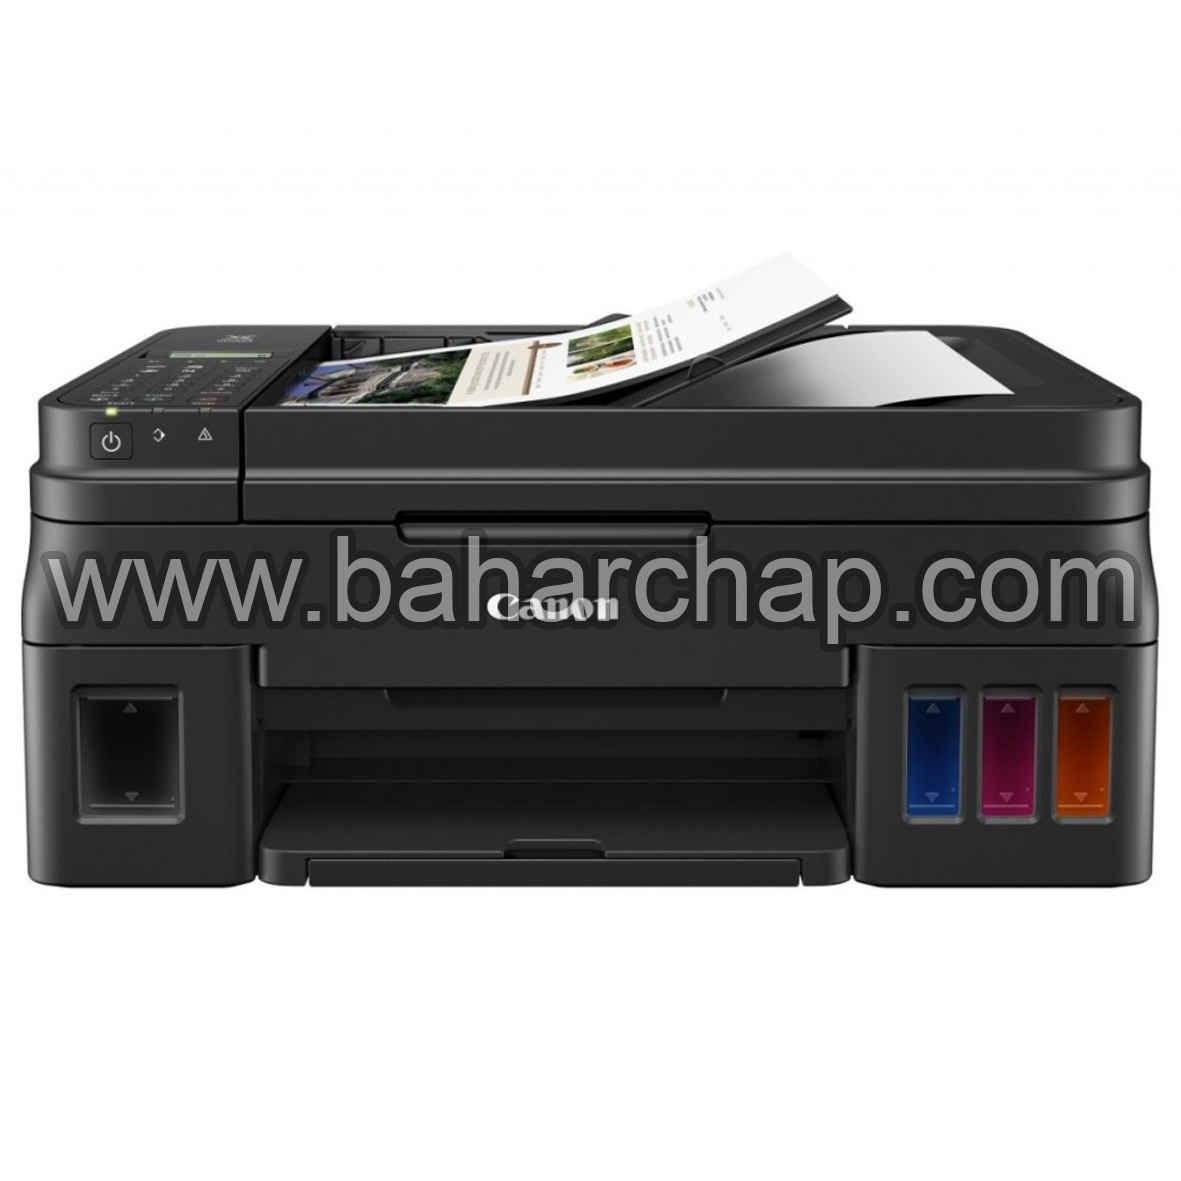 فروشگاه و خدمات اینترنتی بهارچاپ اصفهان-دانلود نرم افزار ریست پرینتر Canon G4910-Reset canon by ST5105